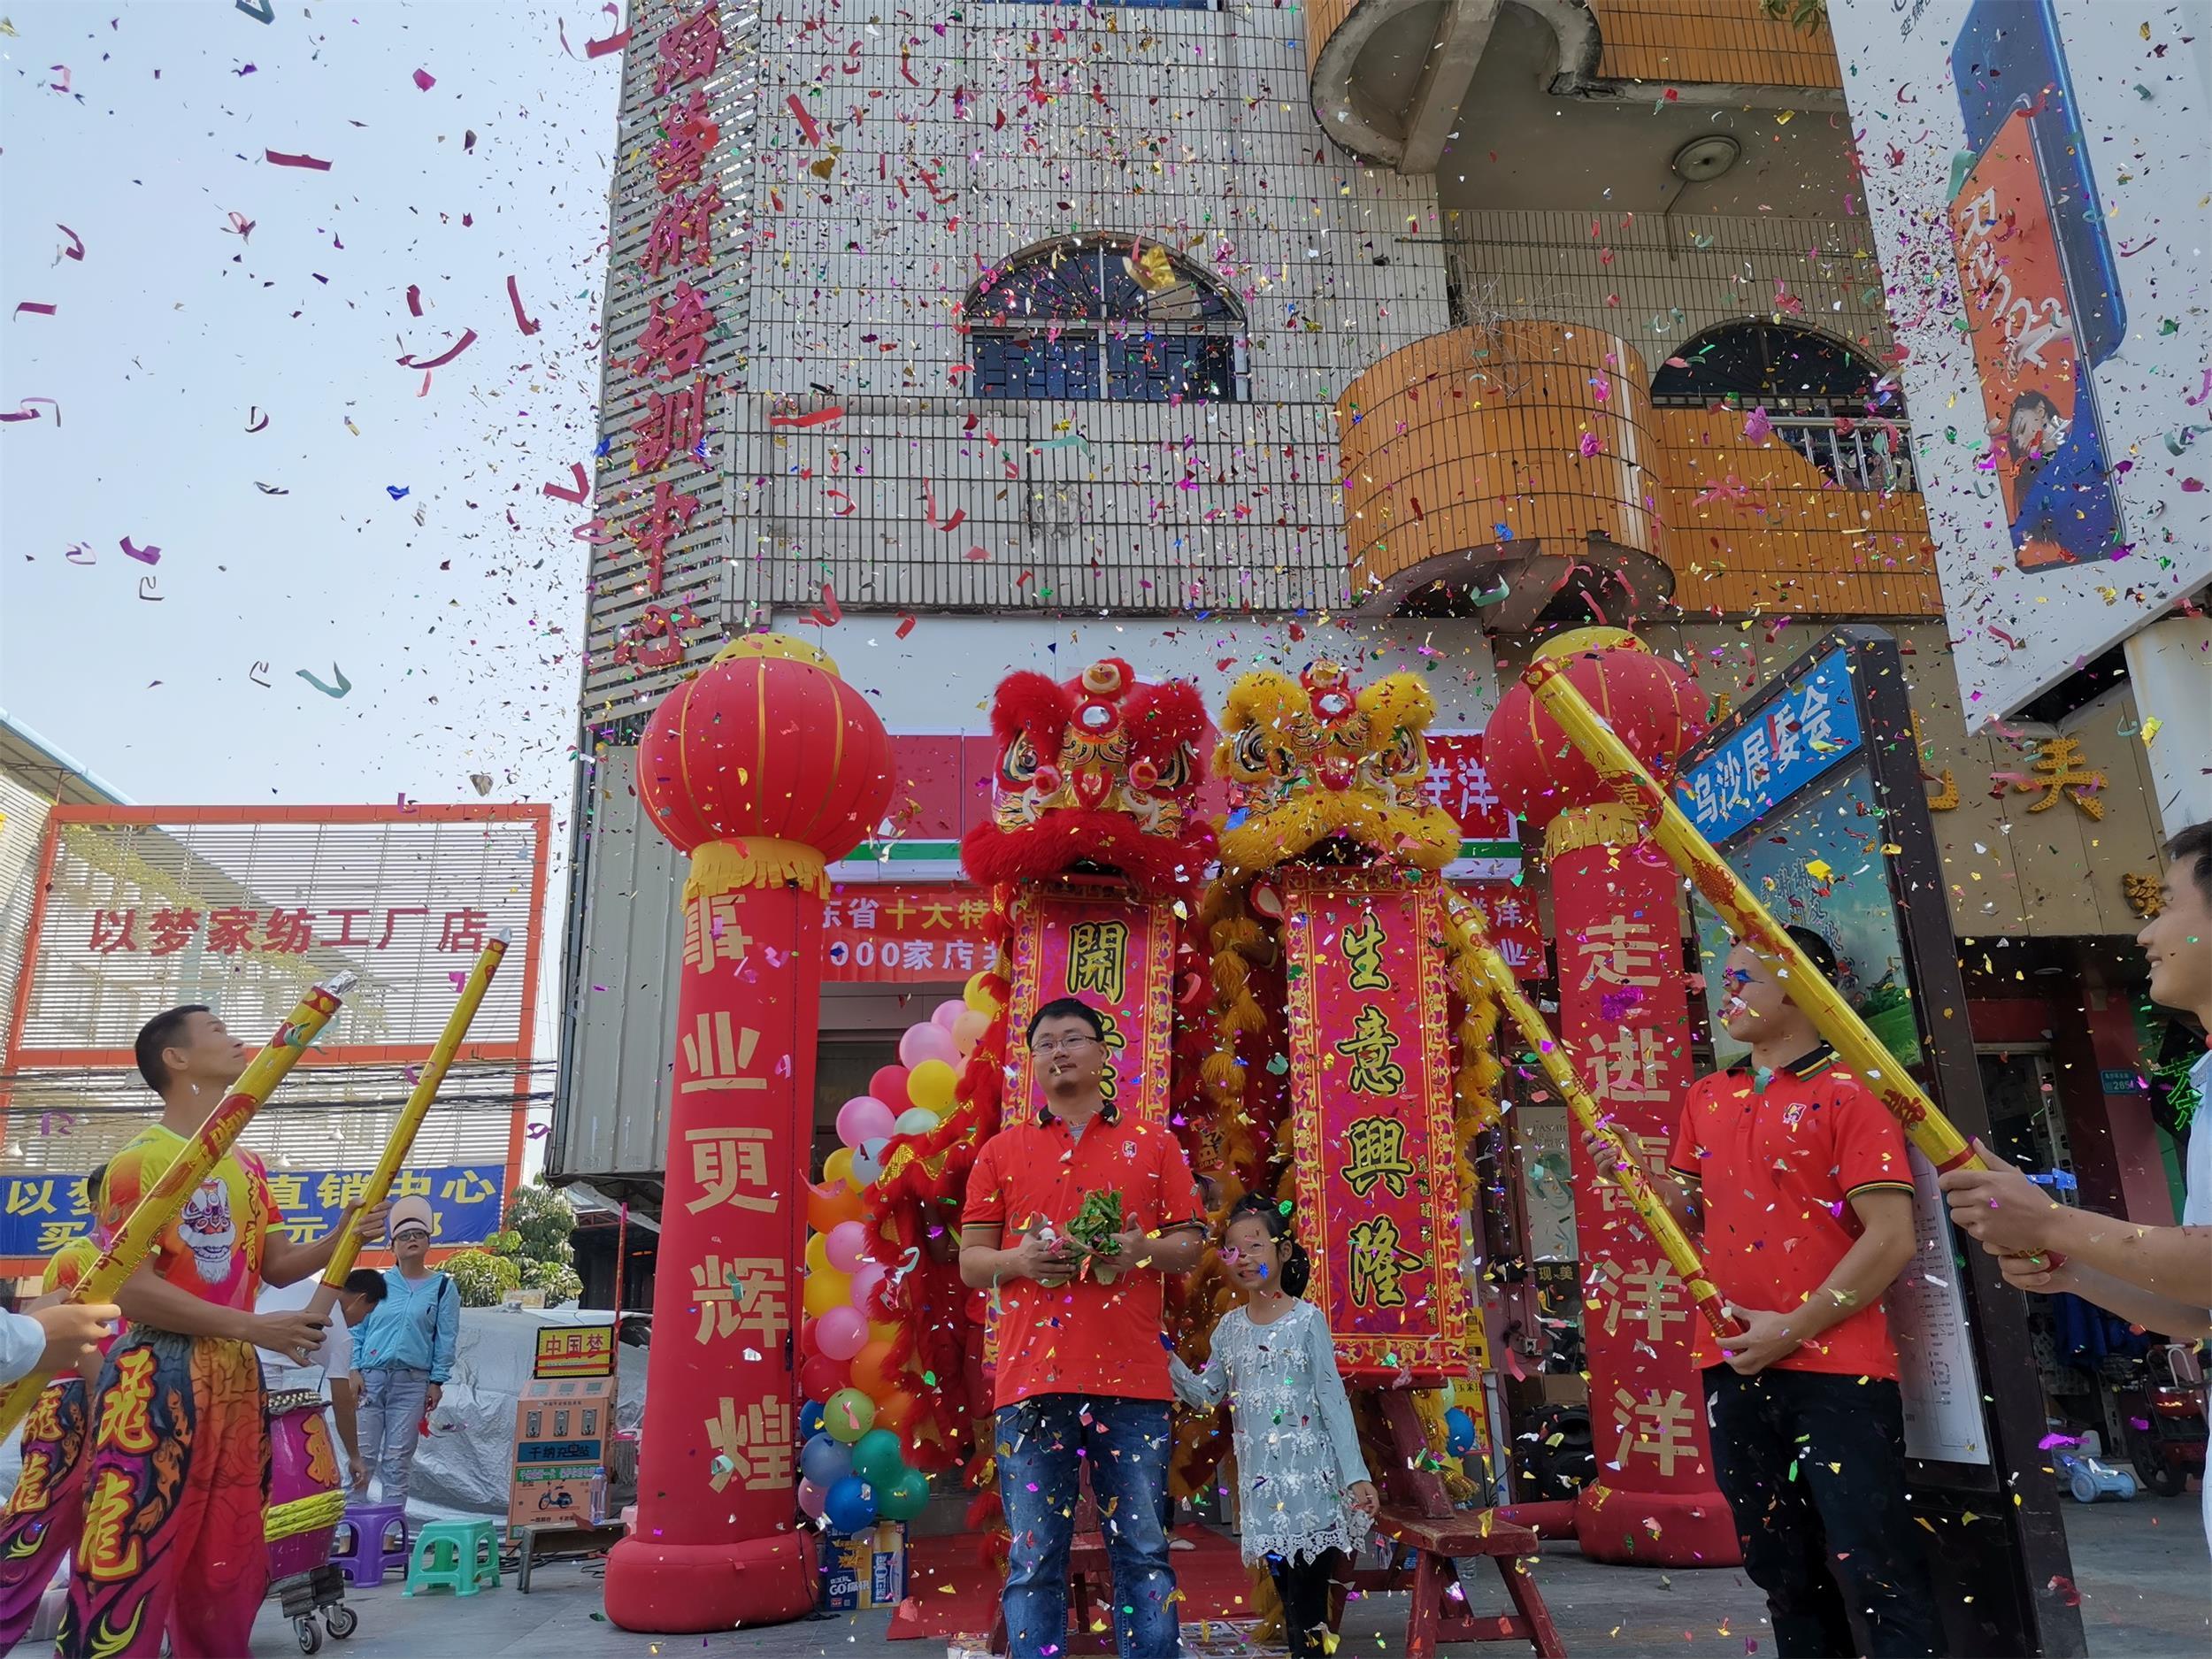 喜洋洋便利店乌沙佳宸分店11月12日隆重开业